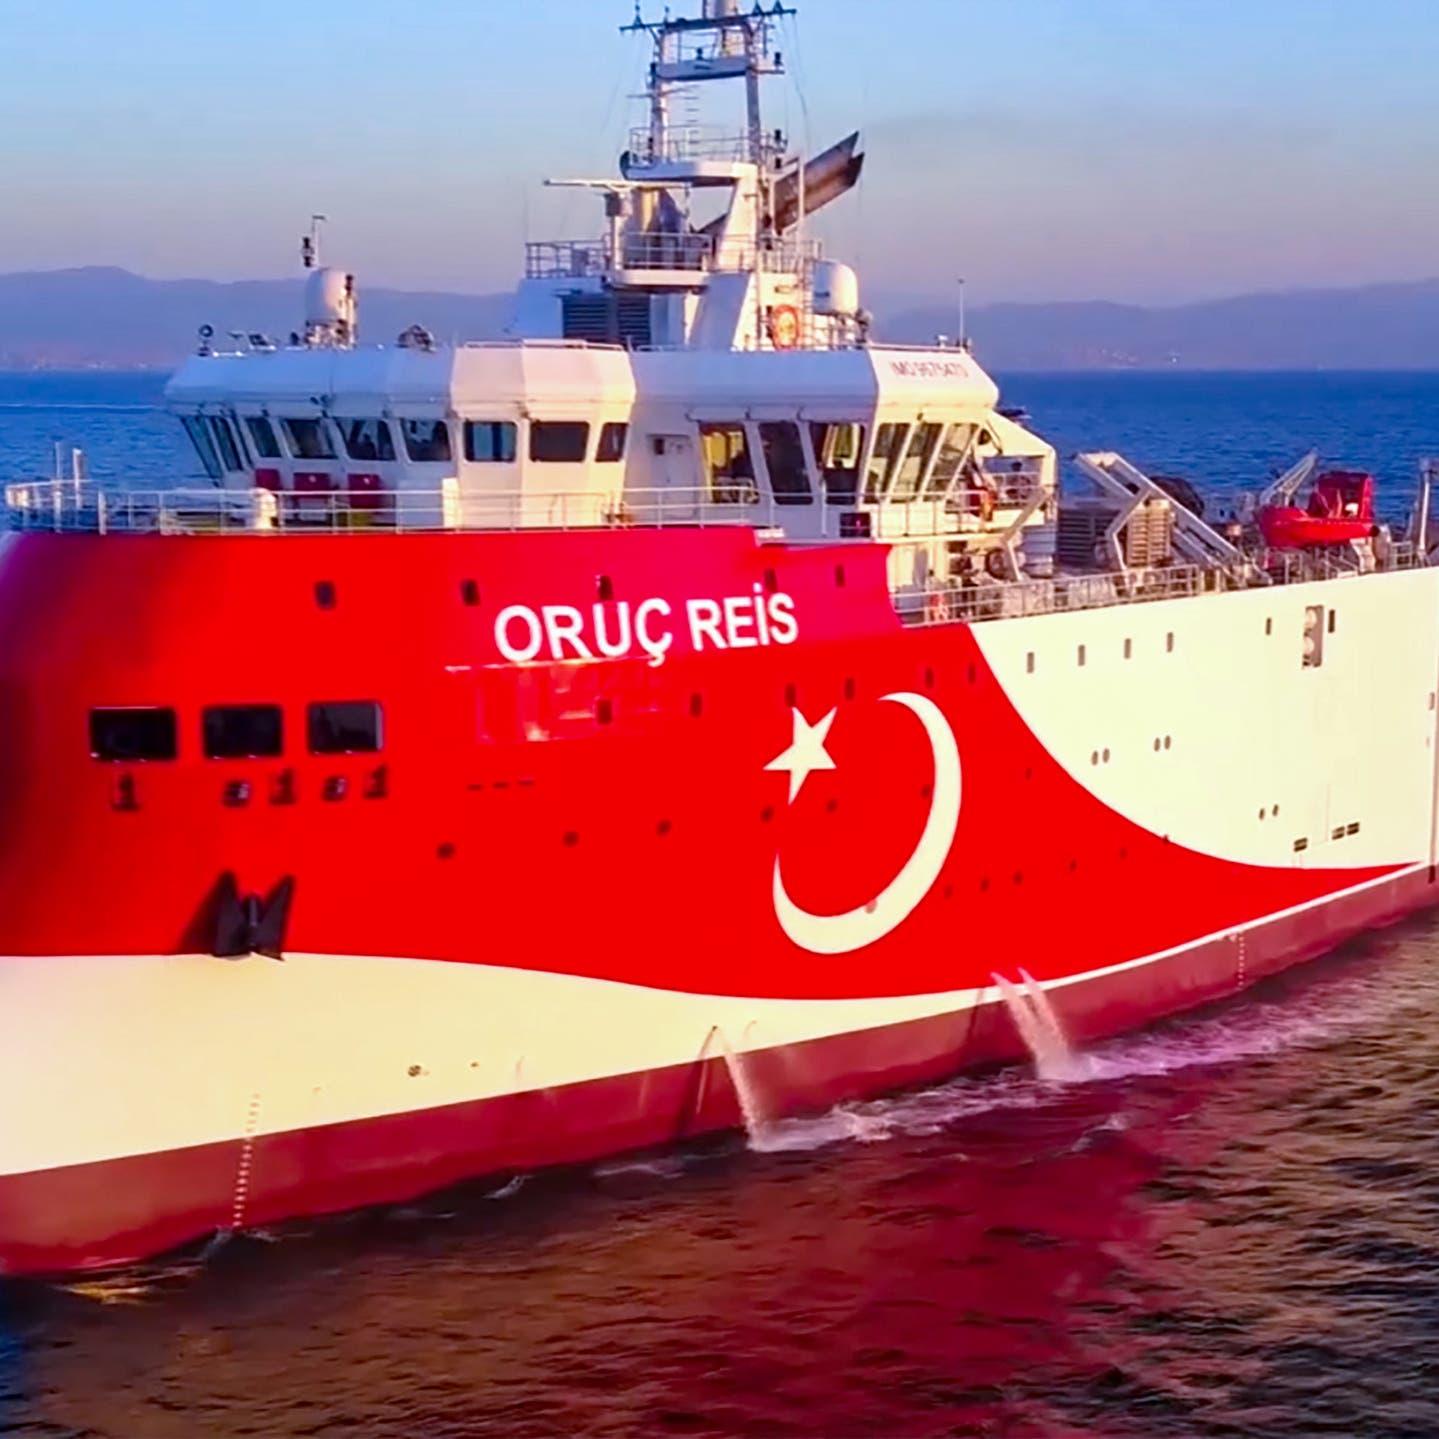 ألمانيا تحذر تركيا.. واليونان: لا محادثات في وجود سفينة التنقيب